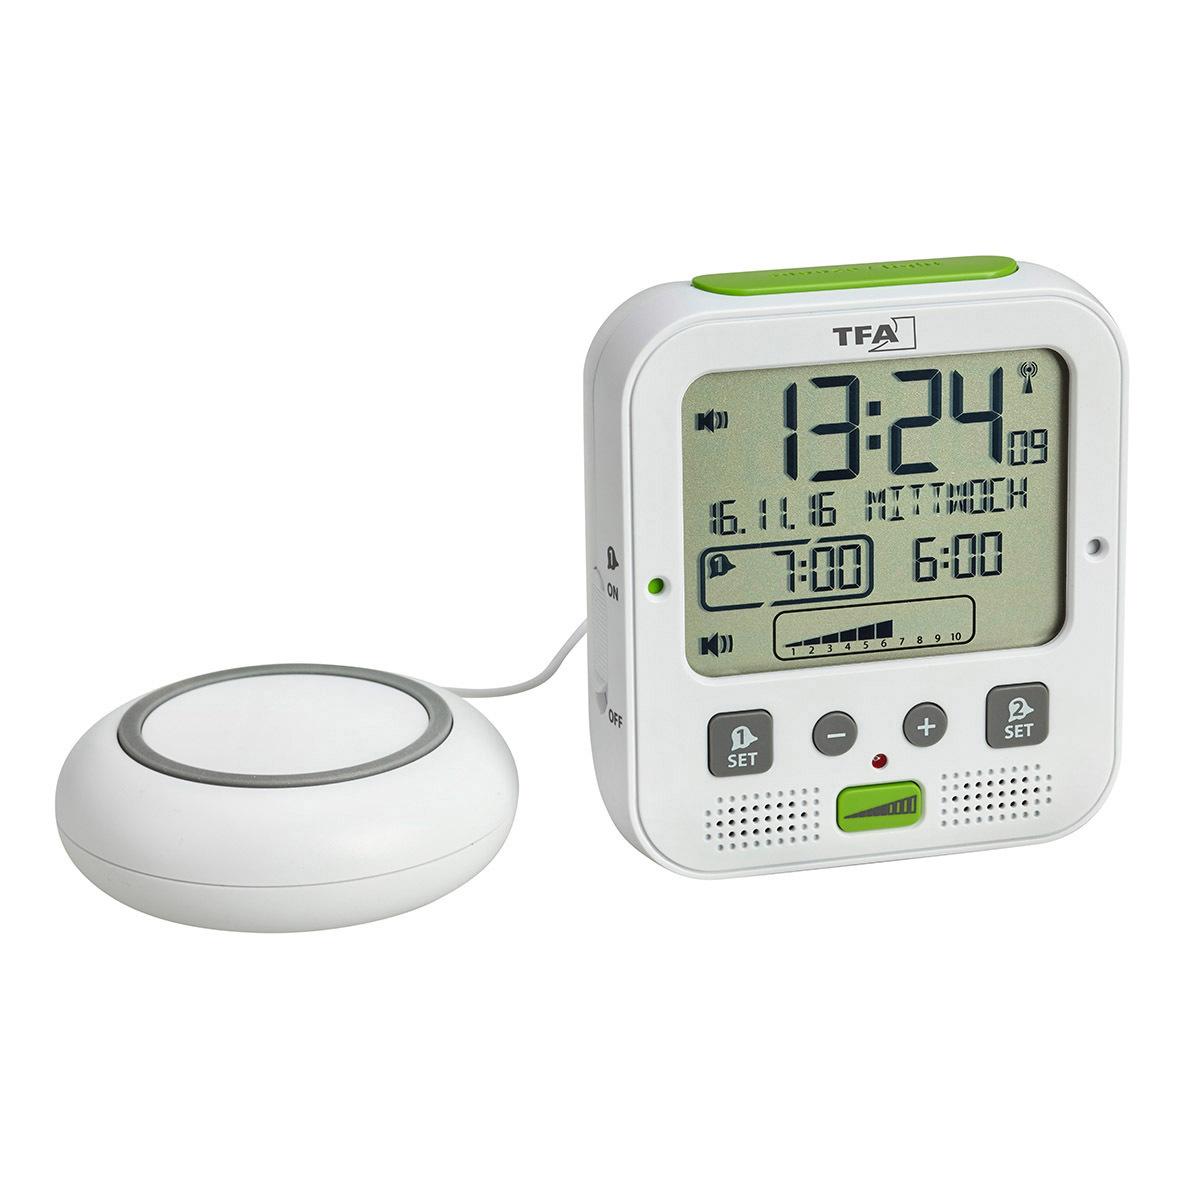 60-2538-02-hochleistungs-funkwecker-mit-vibrationsalarm-boom-1200x1200px.jpg